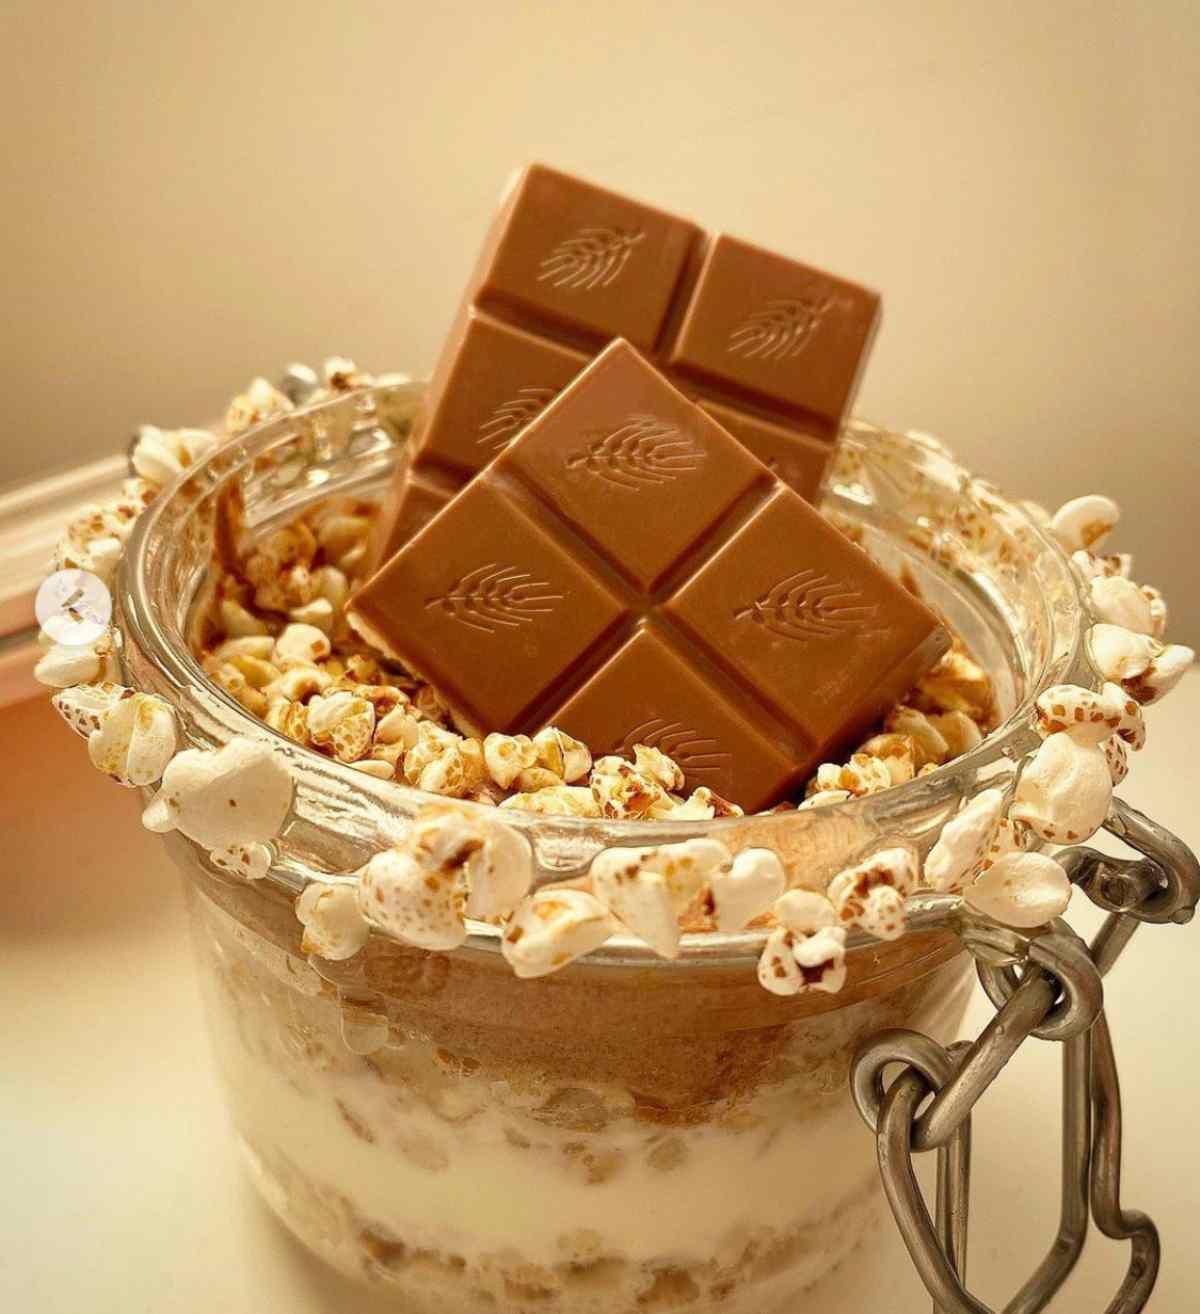 Kinder Cereali fatto in casa, una prelibatezza con poche calorie!